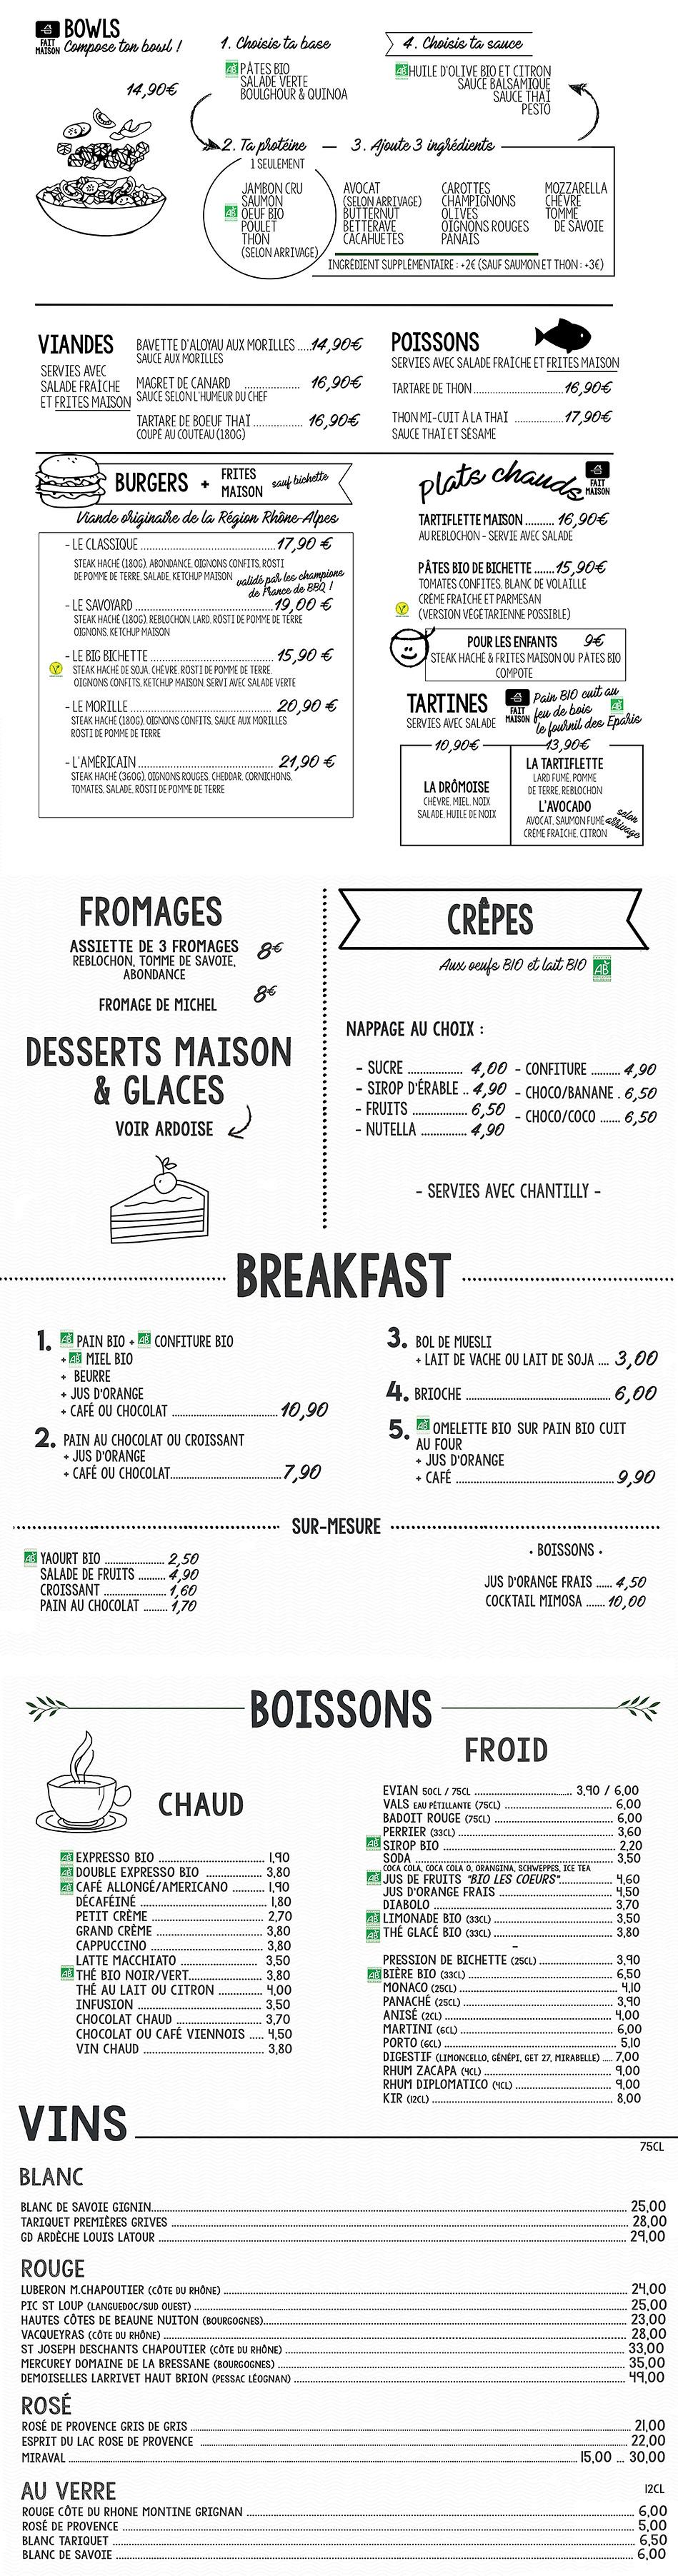 menu-bichette-francais-17-09-2020.jpg